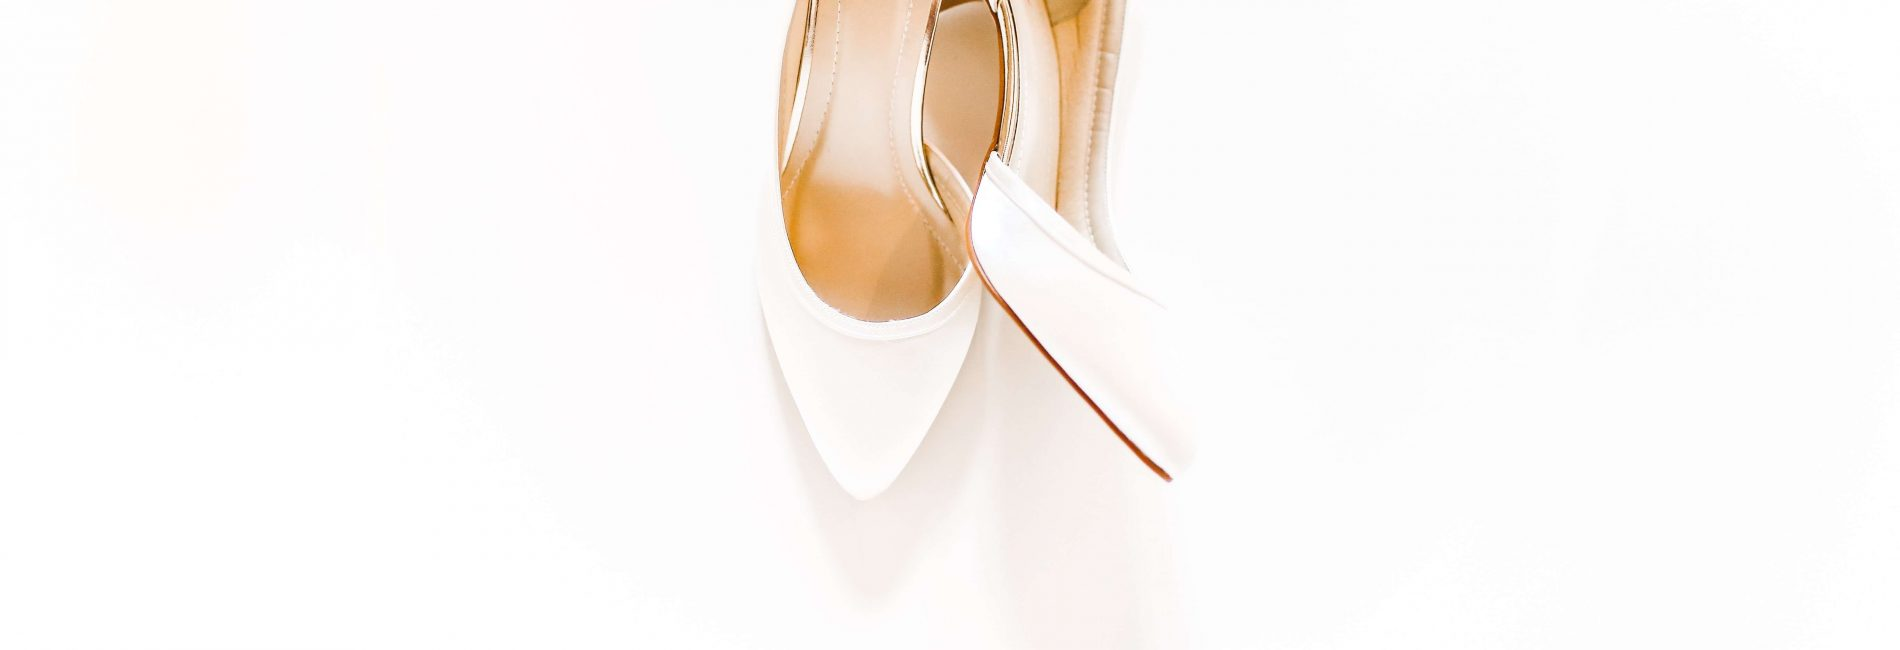 Wesele minimalistyczne – pójście na łatwiznęczy wysoki poziom elegancji?